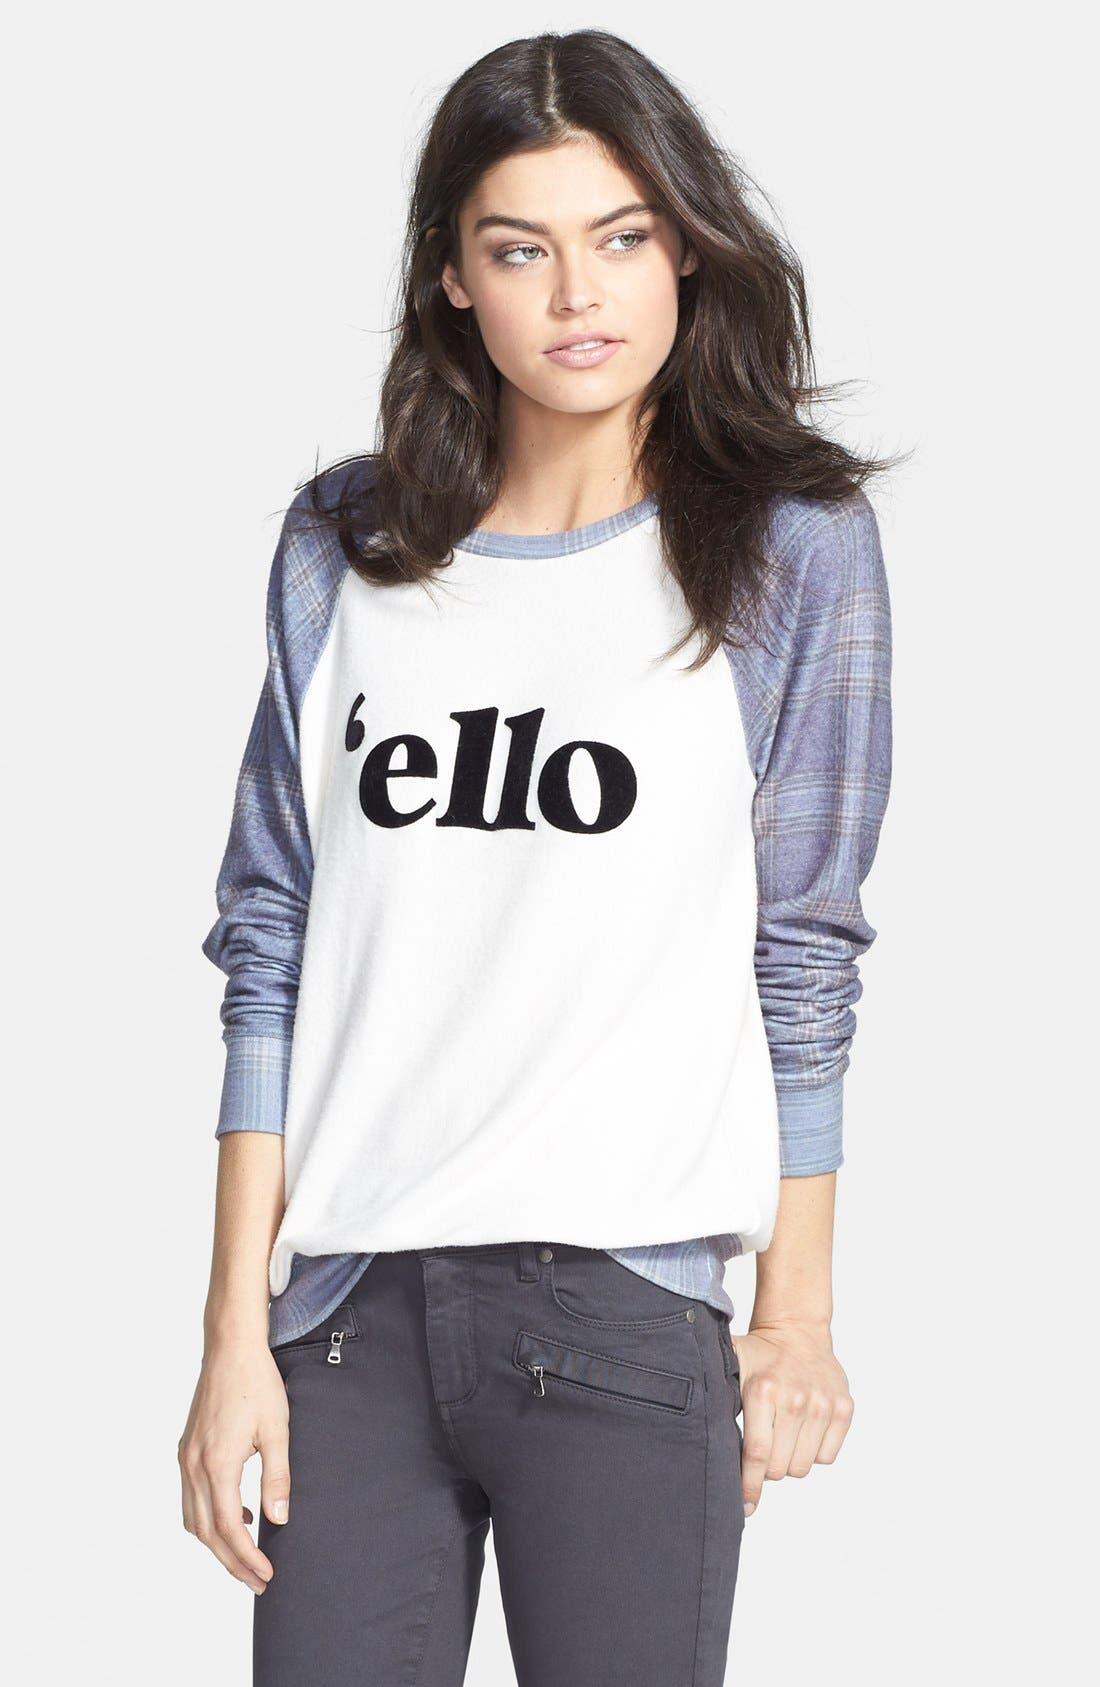 Main Image - Wildfox 'Ello' Raglan Pullover (Nordstrom Exclusive)